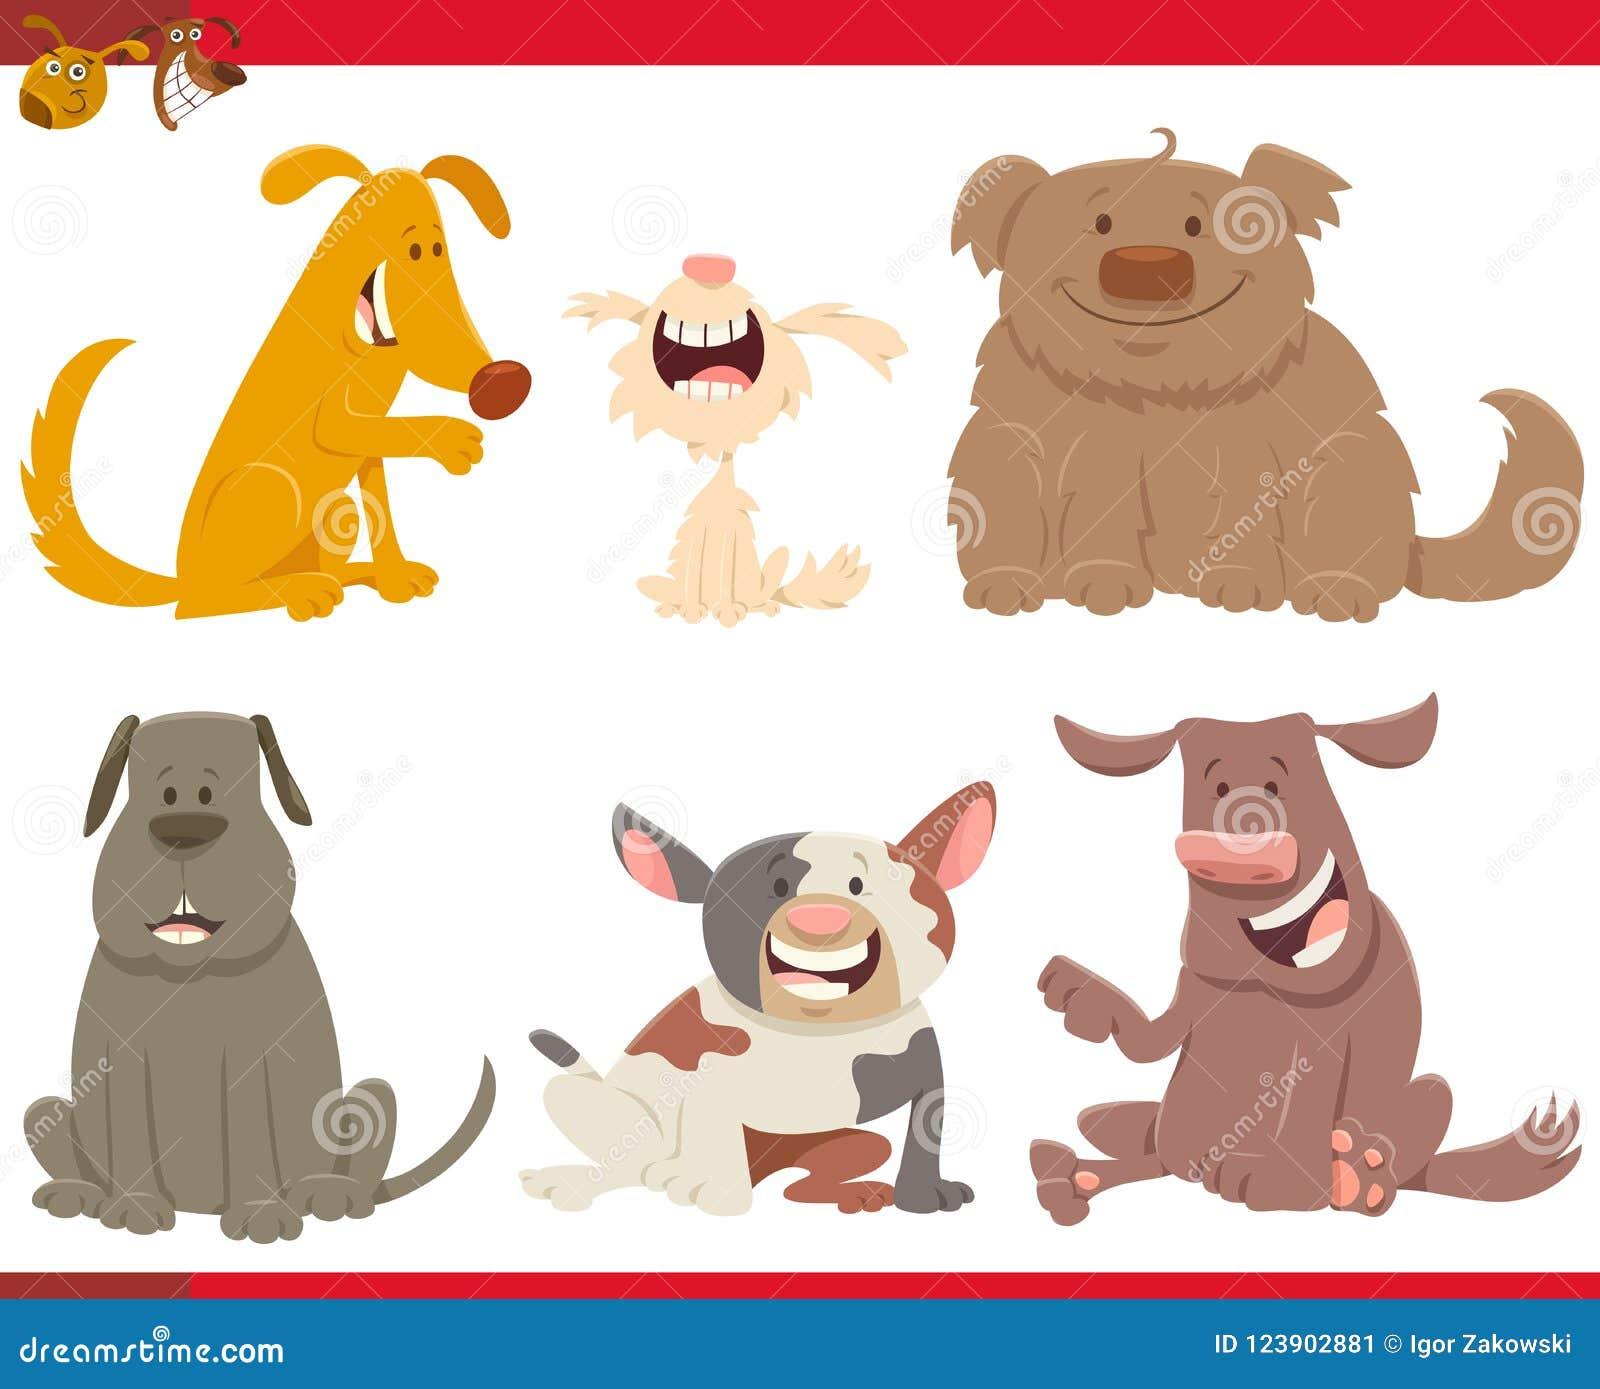 Perros O Personajes De Dibujos Animados Felices De Los Perritos